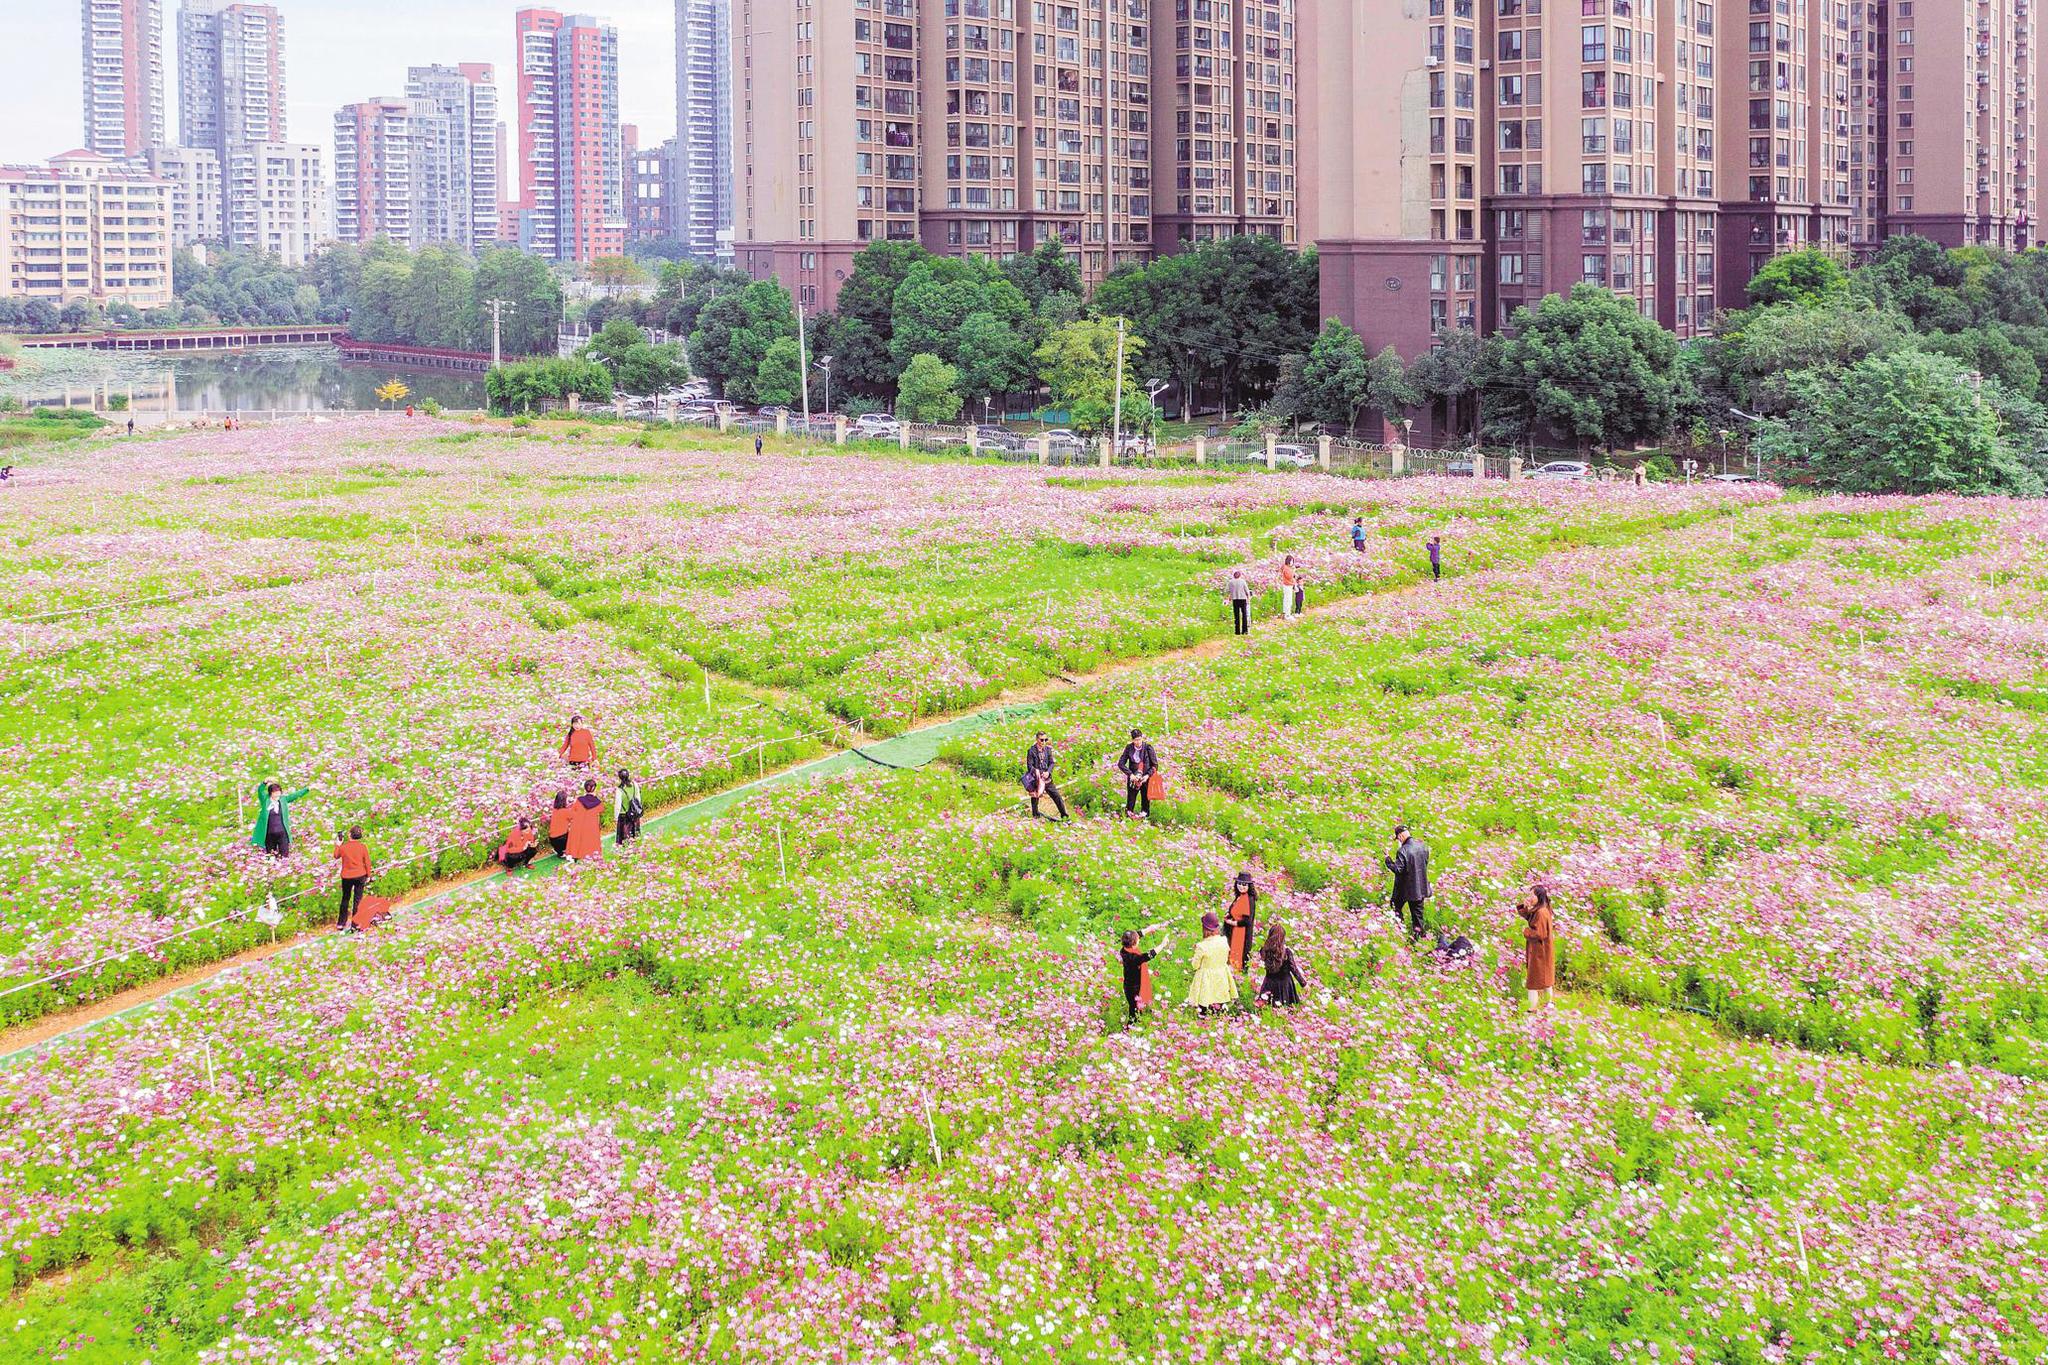 武汉洪山波斯菊花的海洋正在盛开。